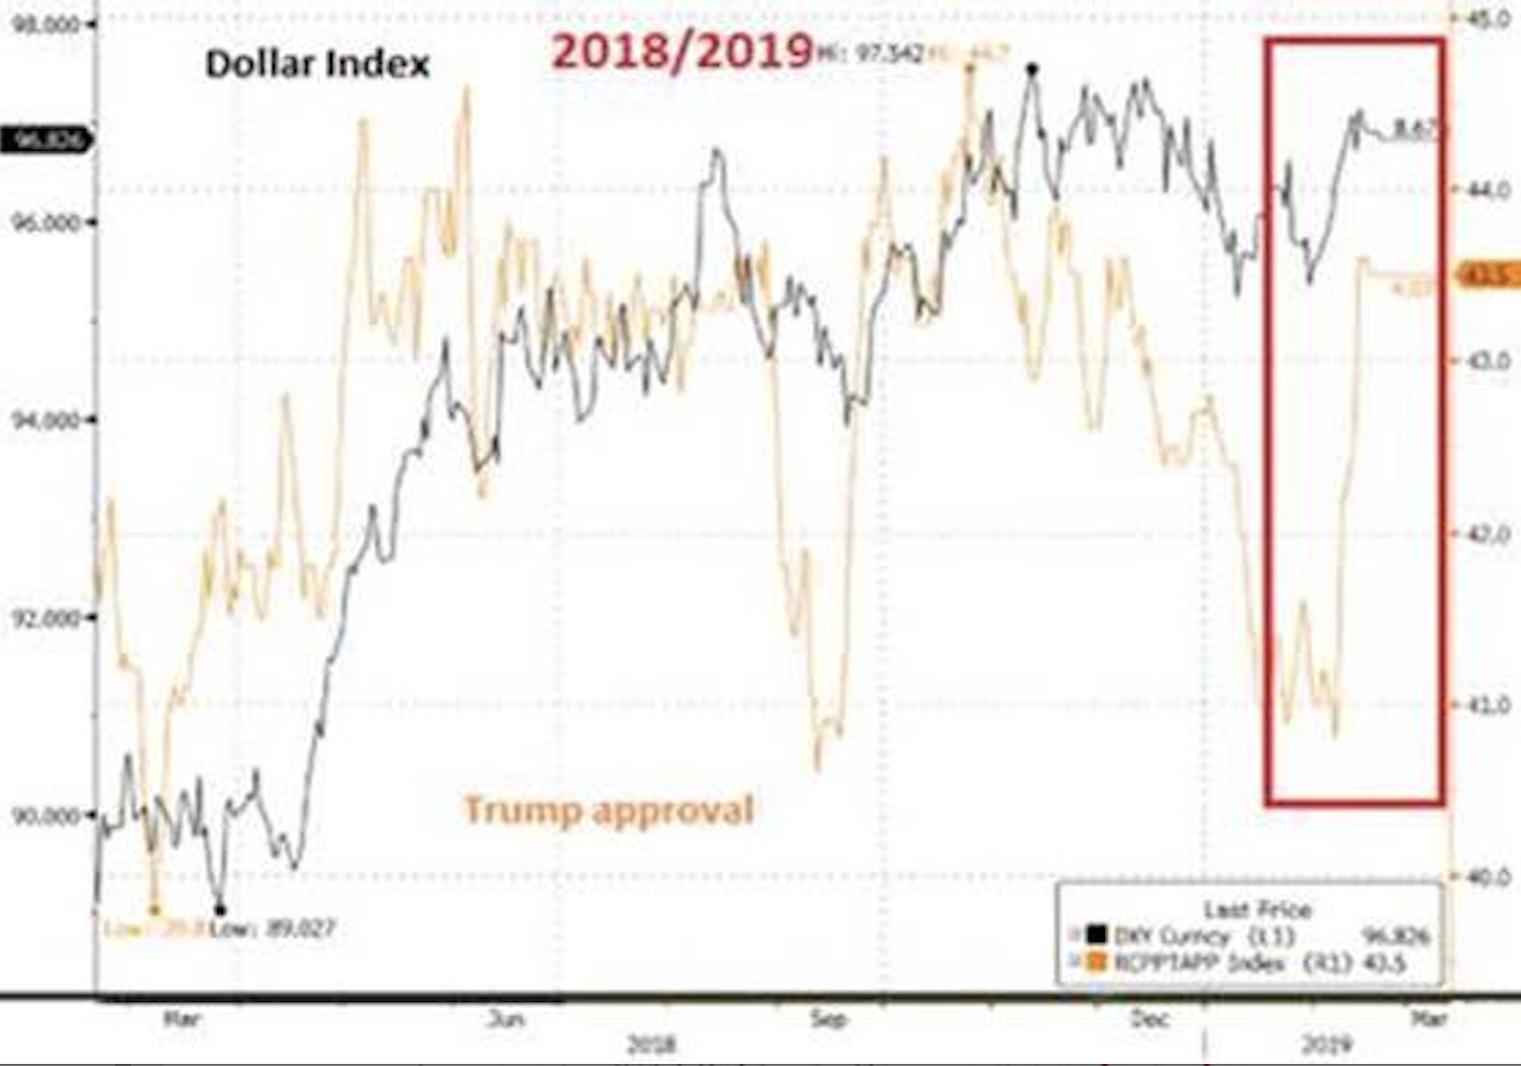 Recentemente il tasso di approvazione di Trump è balzato da 41% al 43,5%, appena il presidente ha accettato il compromesso con il Congresso per interrompere lo shutdown